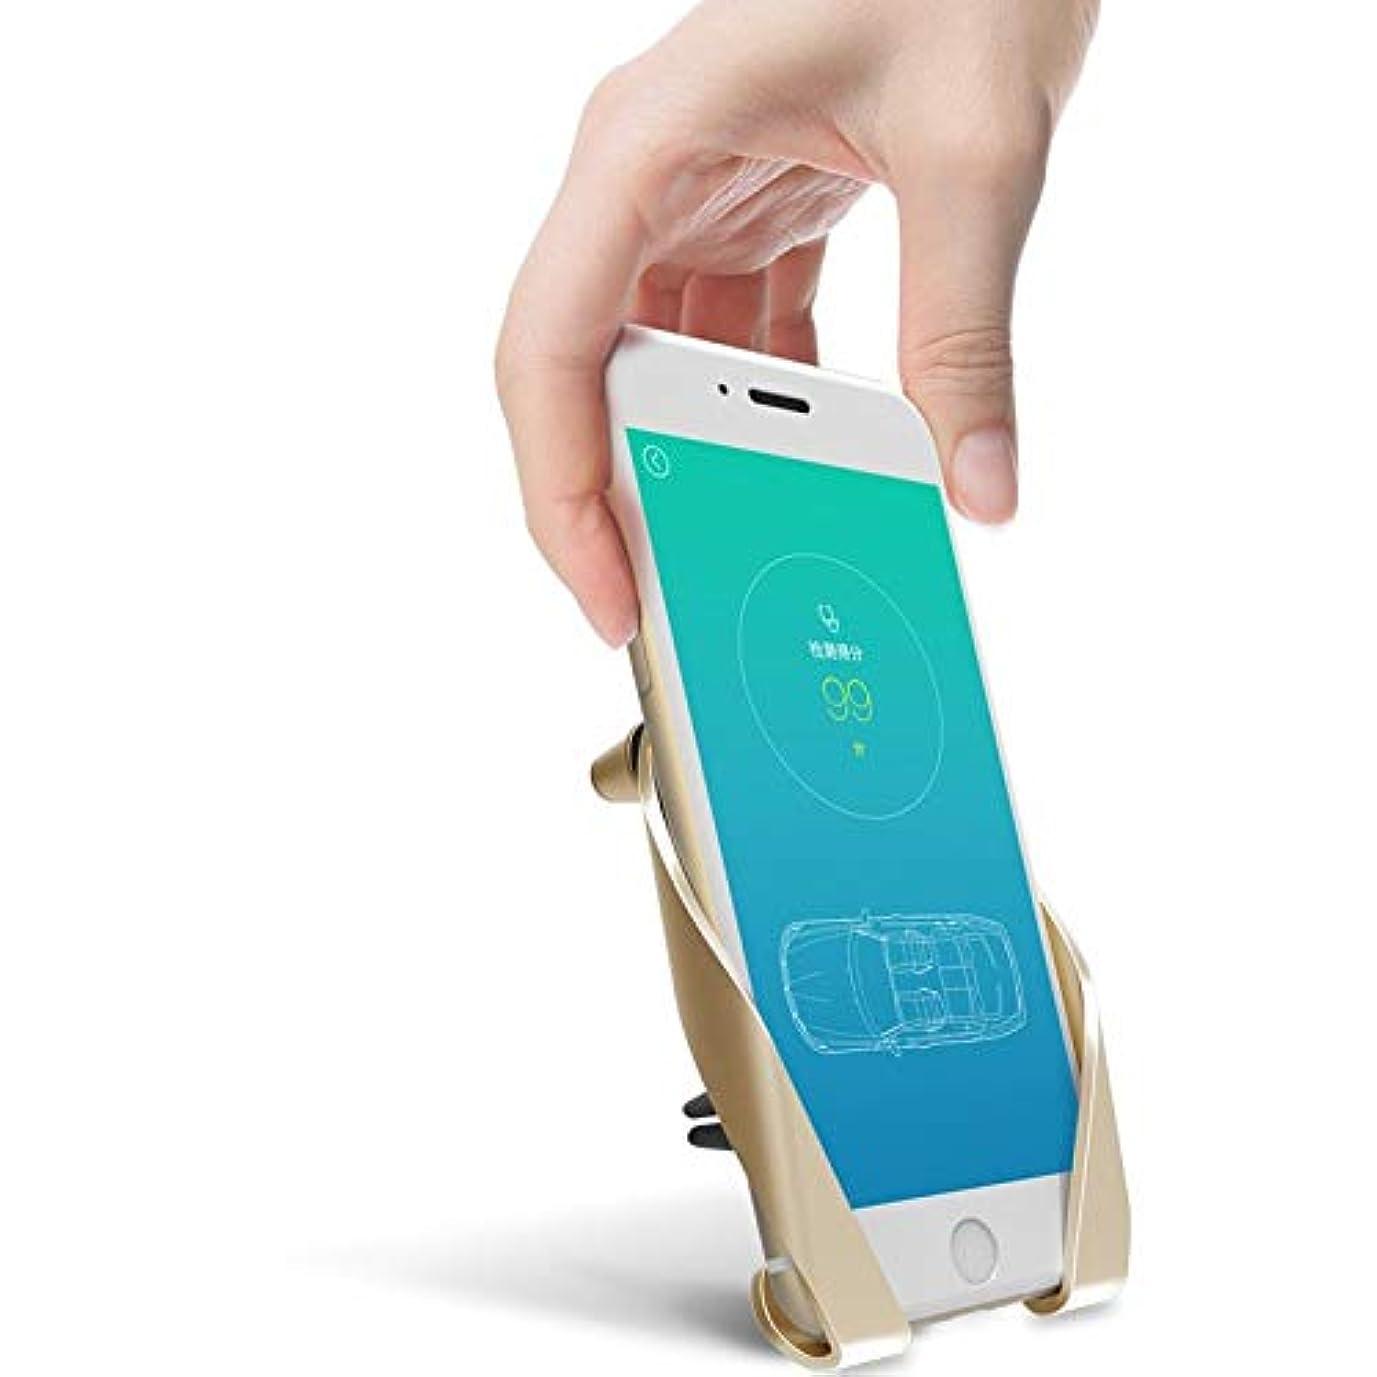 ステッチ大きさ砲撃Jicorzo - サムスンiPhone用ユニバーサルカーベント携帯電話ホルダーカープラスチック製エアアウトレットアジャスタブル電話スタンドホルダー